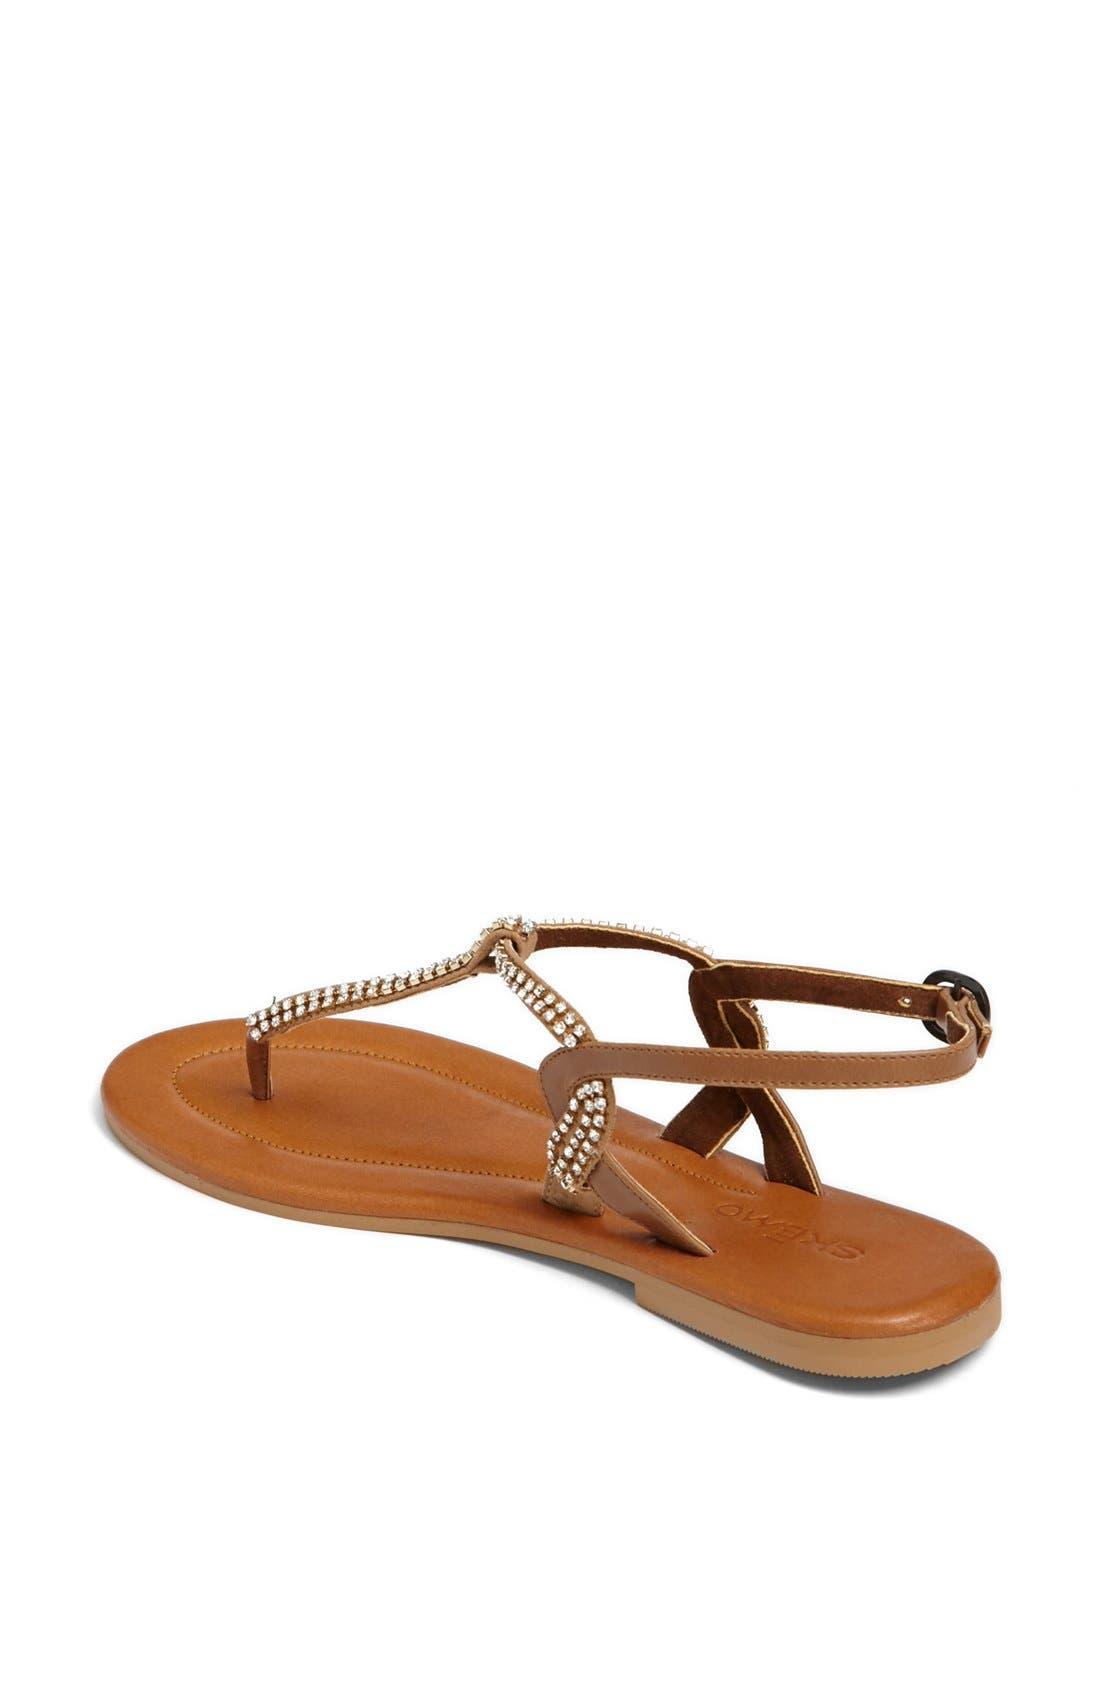 Alternate Image 2  - Skemo 'Shannon' Sandal